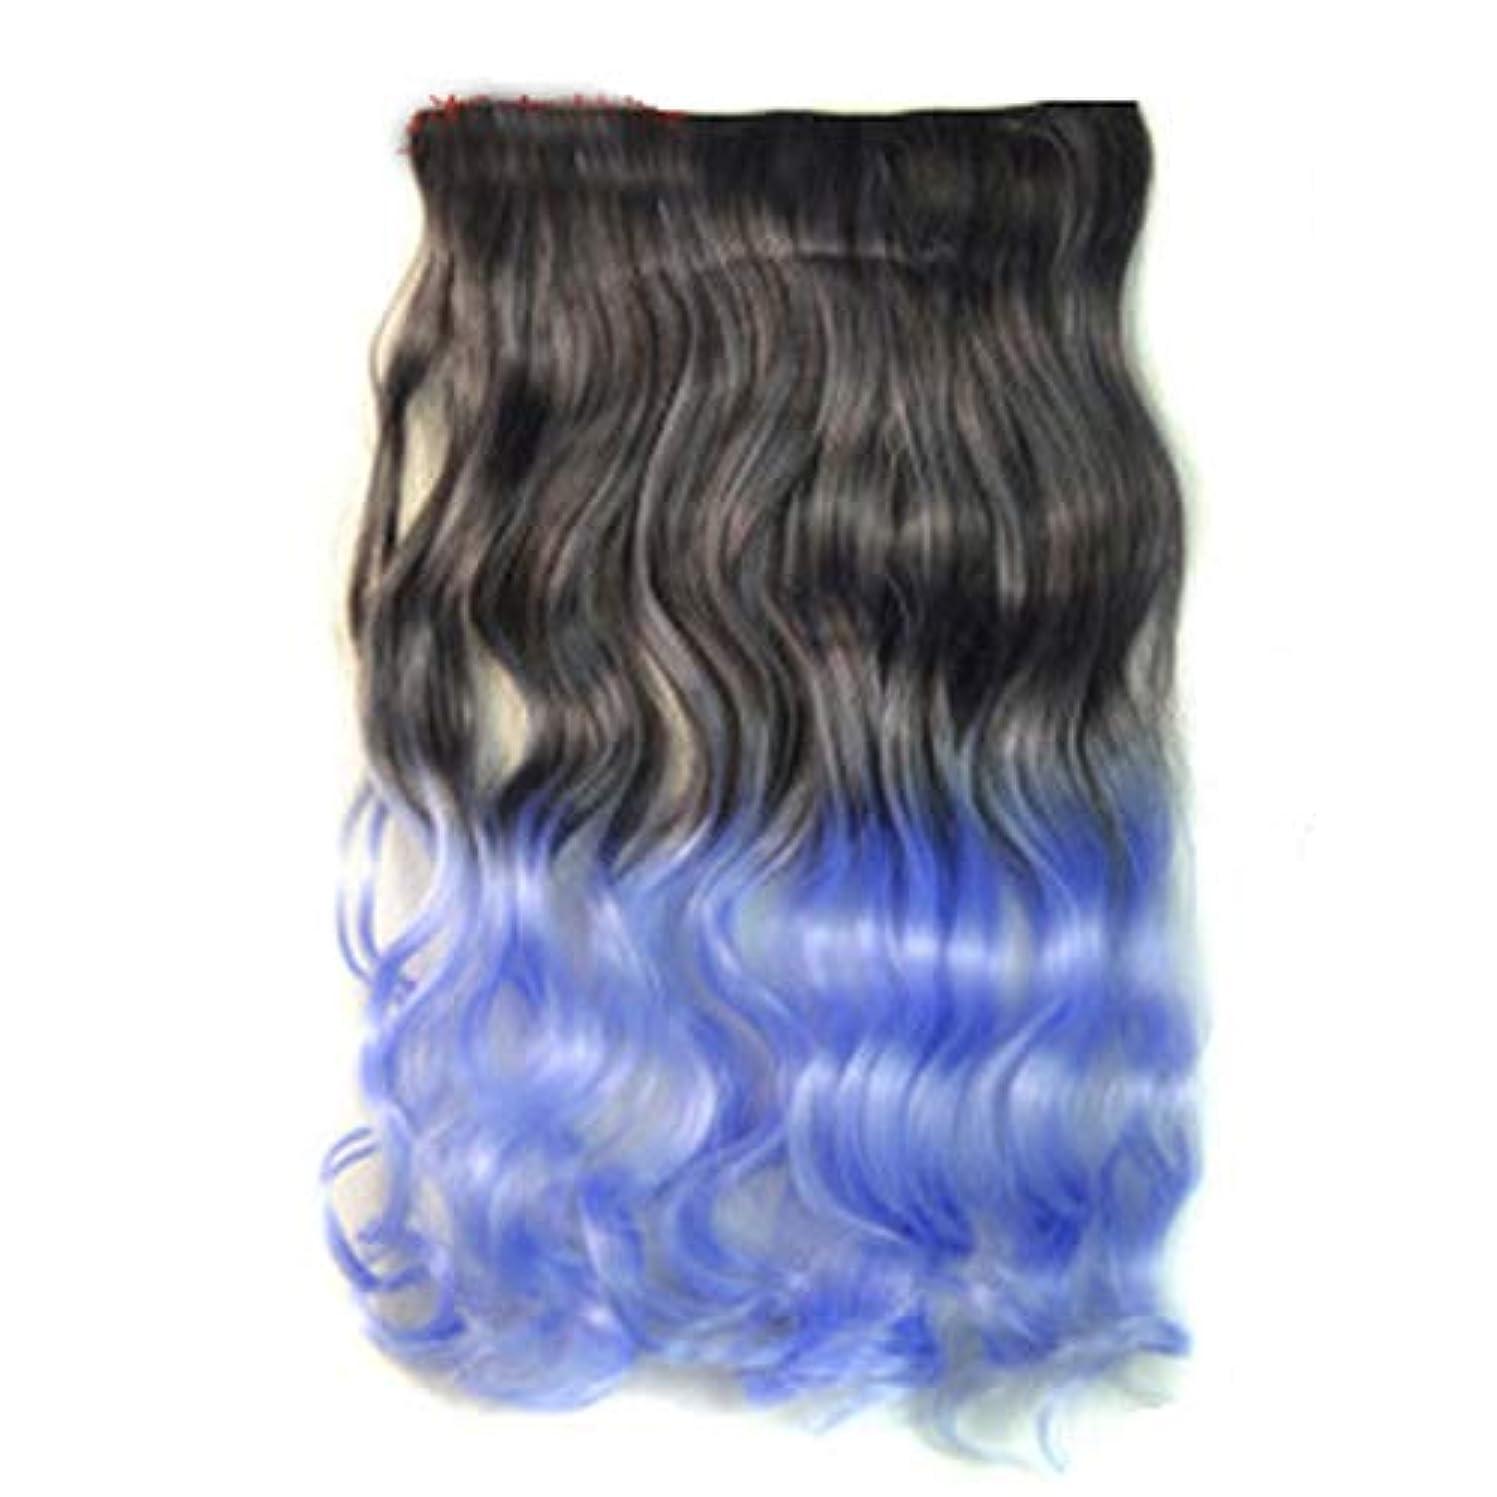 エイリアス提案愛人WTYD 美容ヘアツール ワンピースシームレスヘアエクステンションピースカラーグラデーション大波ロングカーリングクリップタイプヘアピース